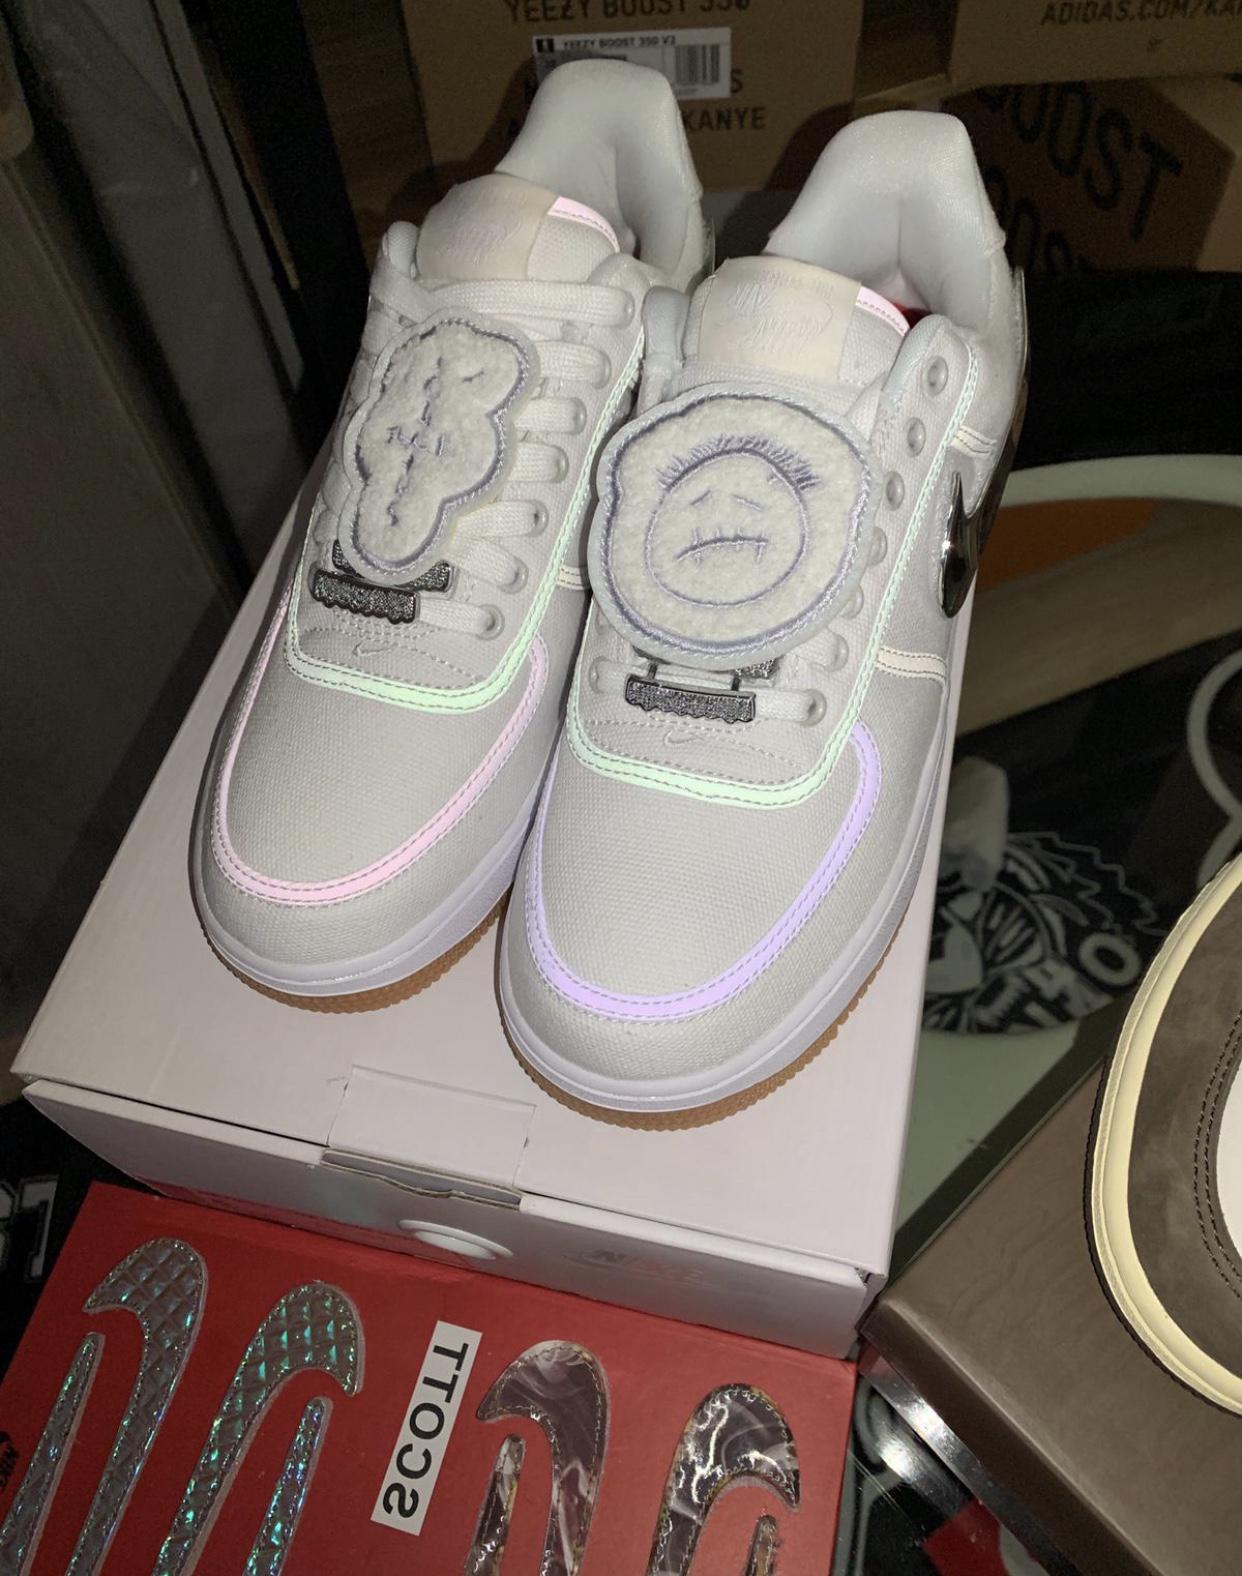 Nike - $600 - Size 9